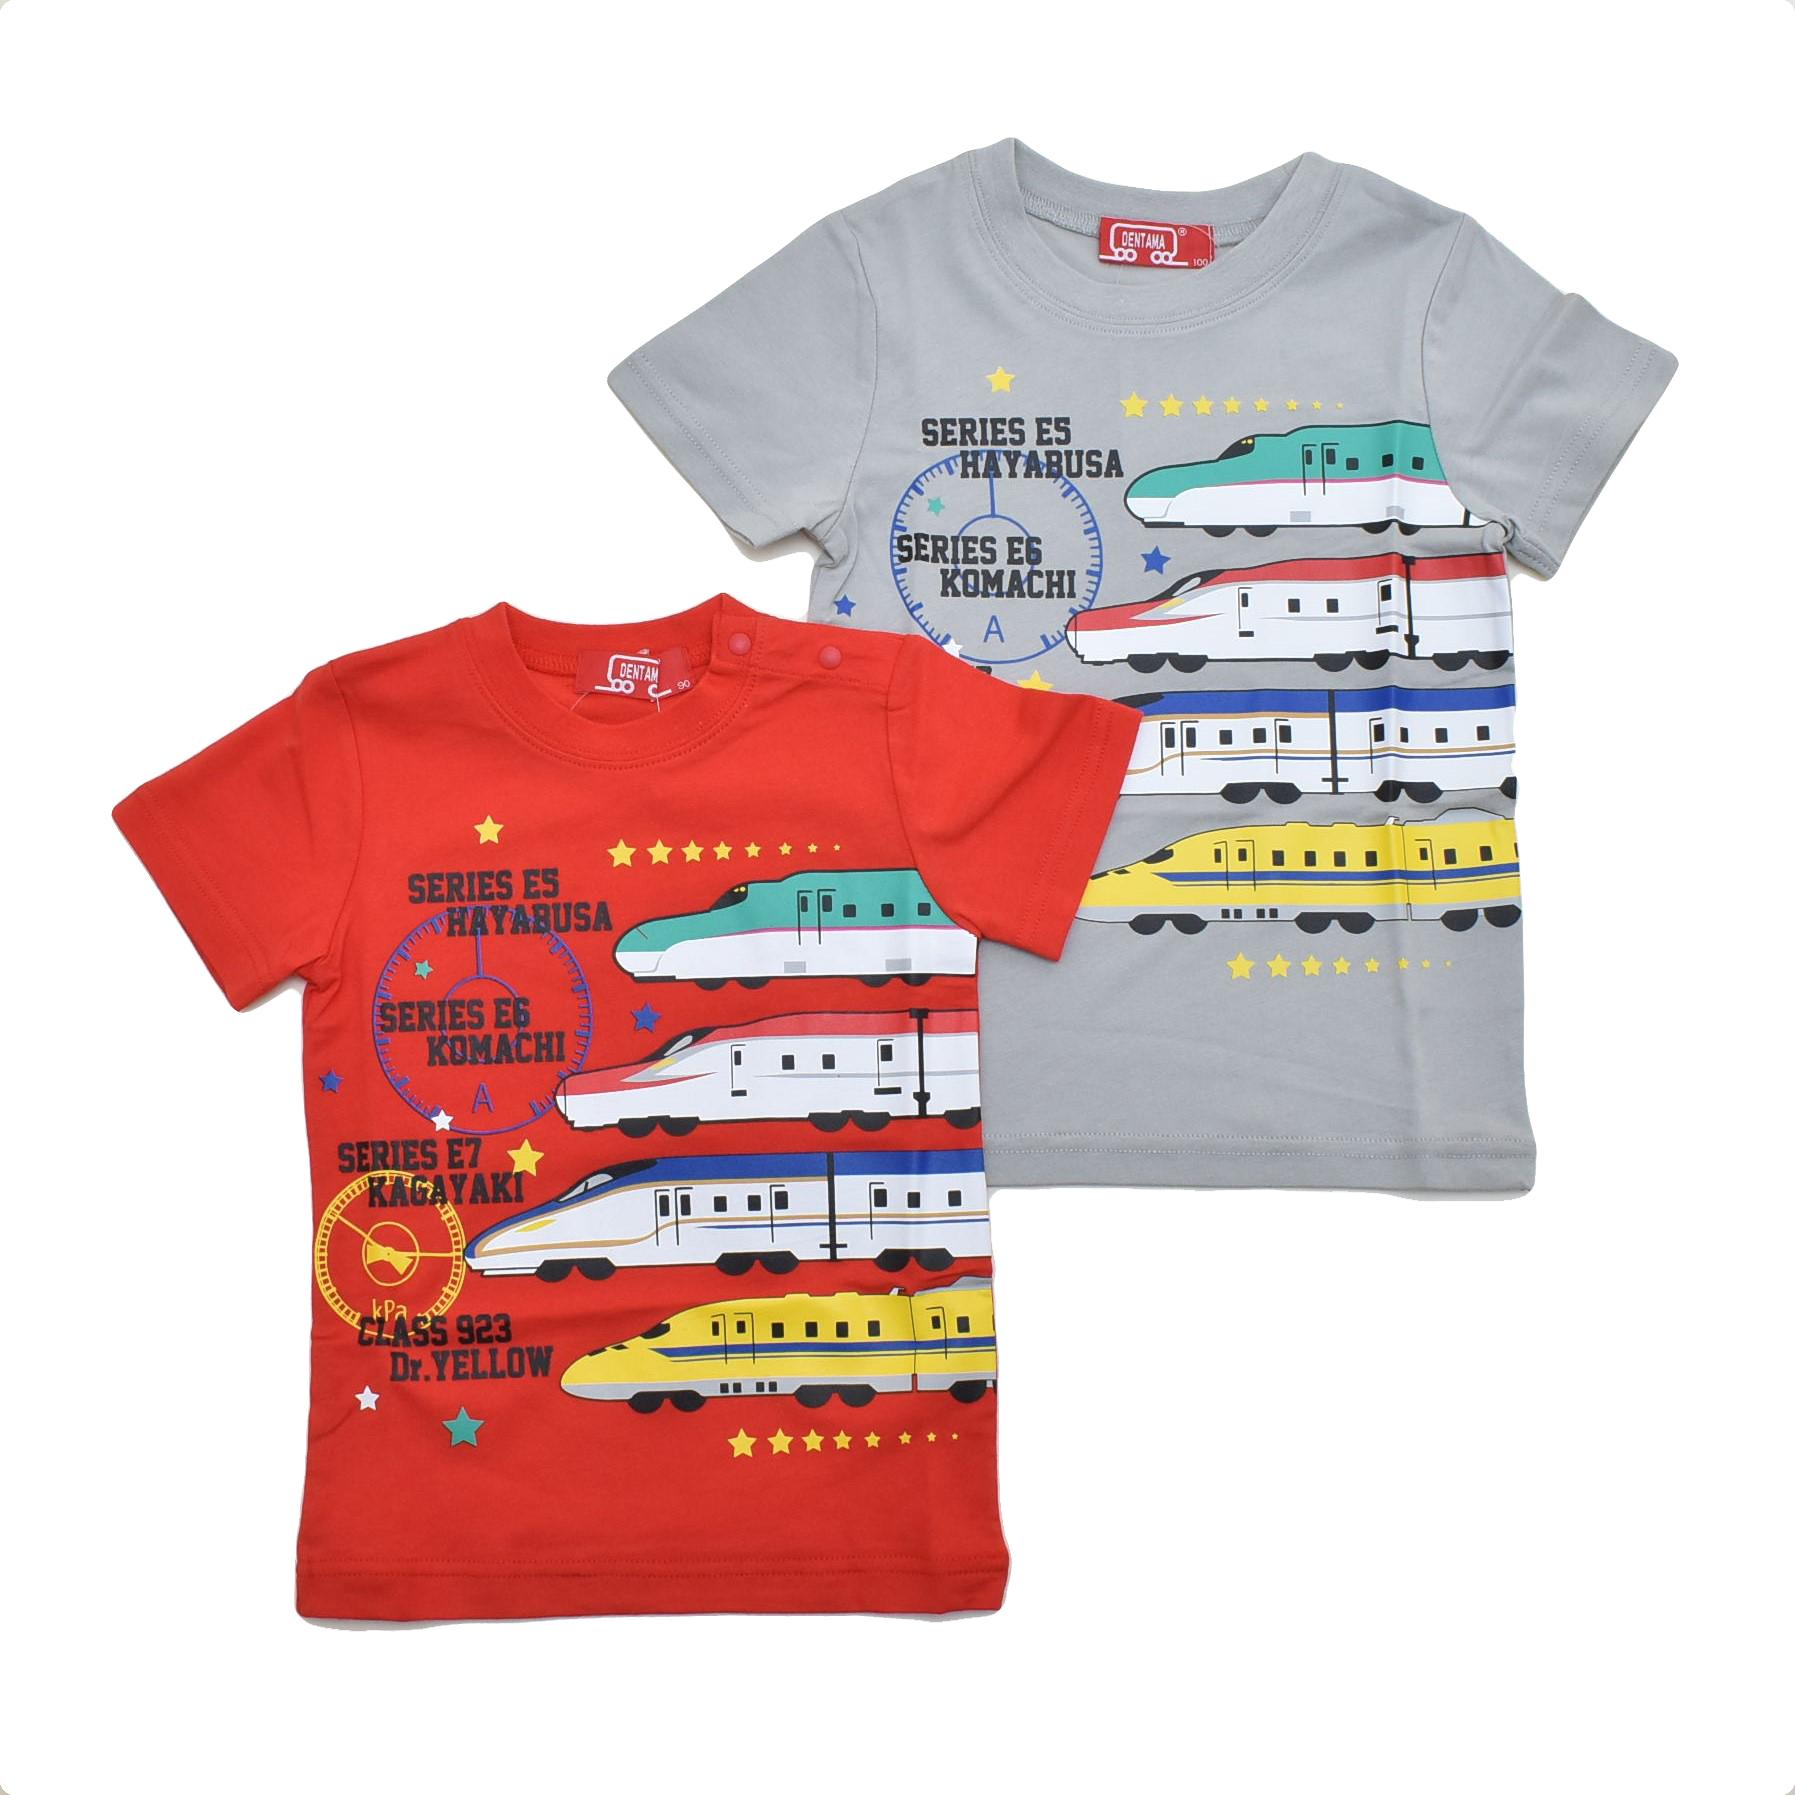 でんたま(新幹線)半袖Tシャツ 90cm-130cm (142DT0021)